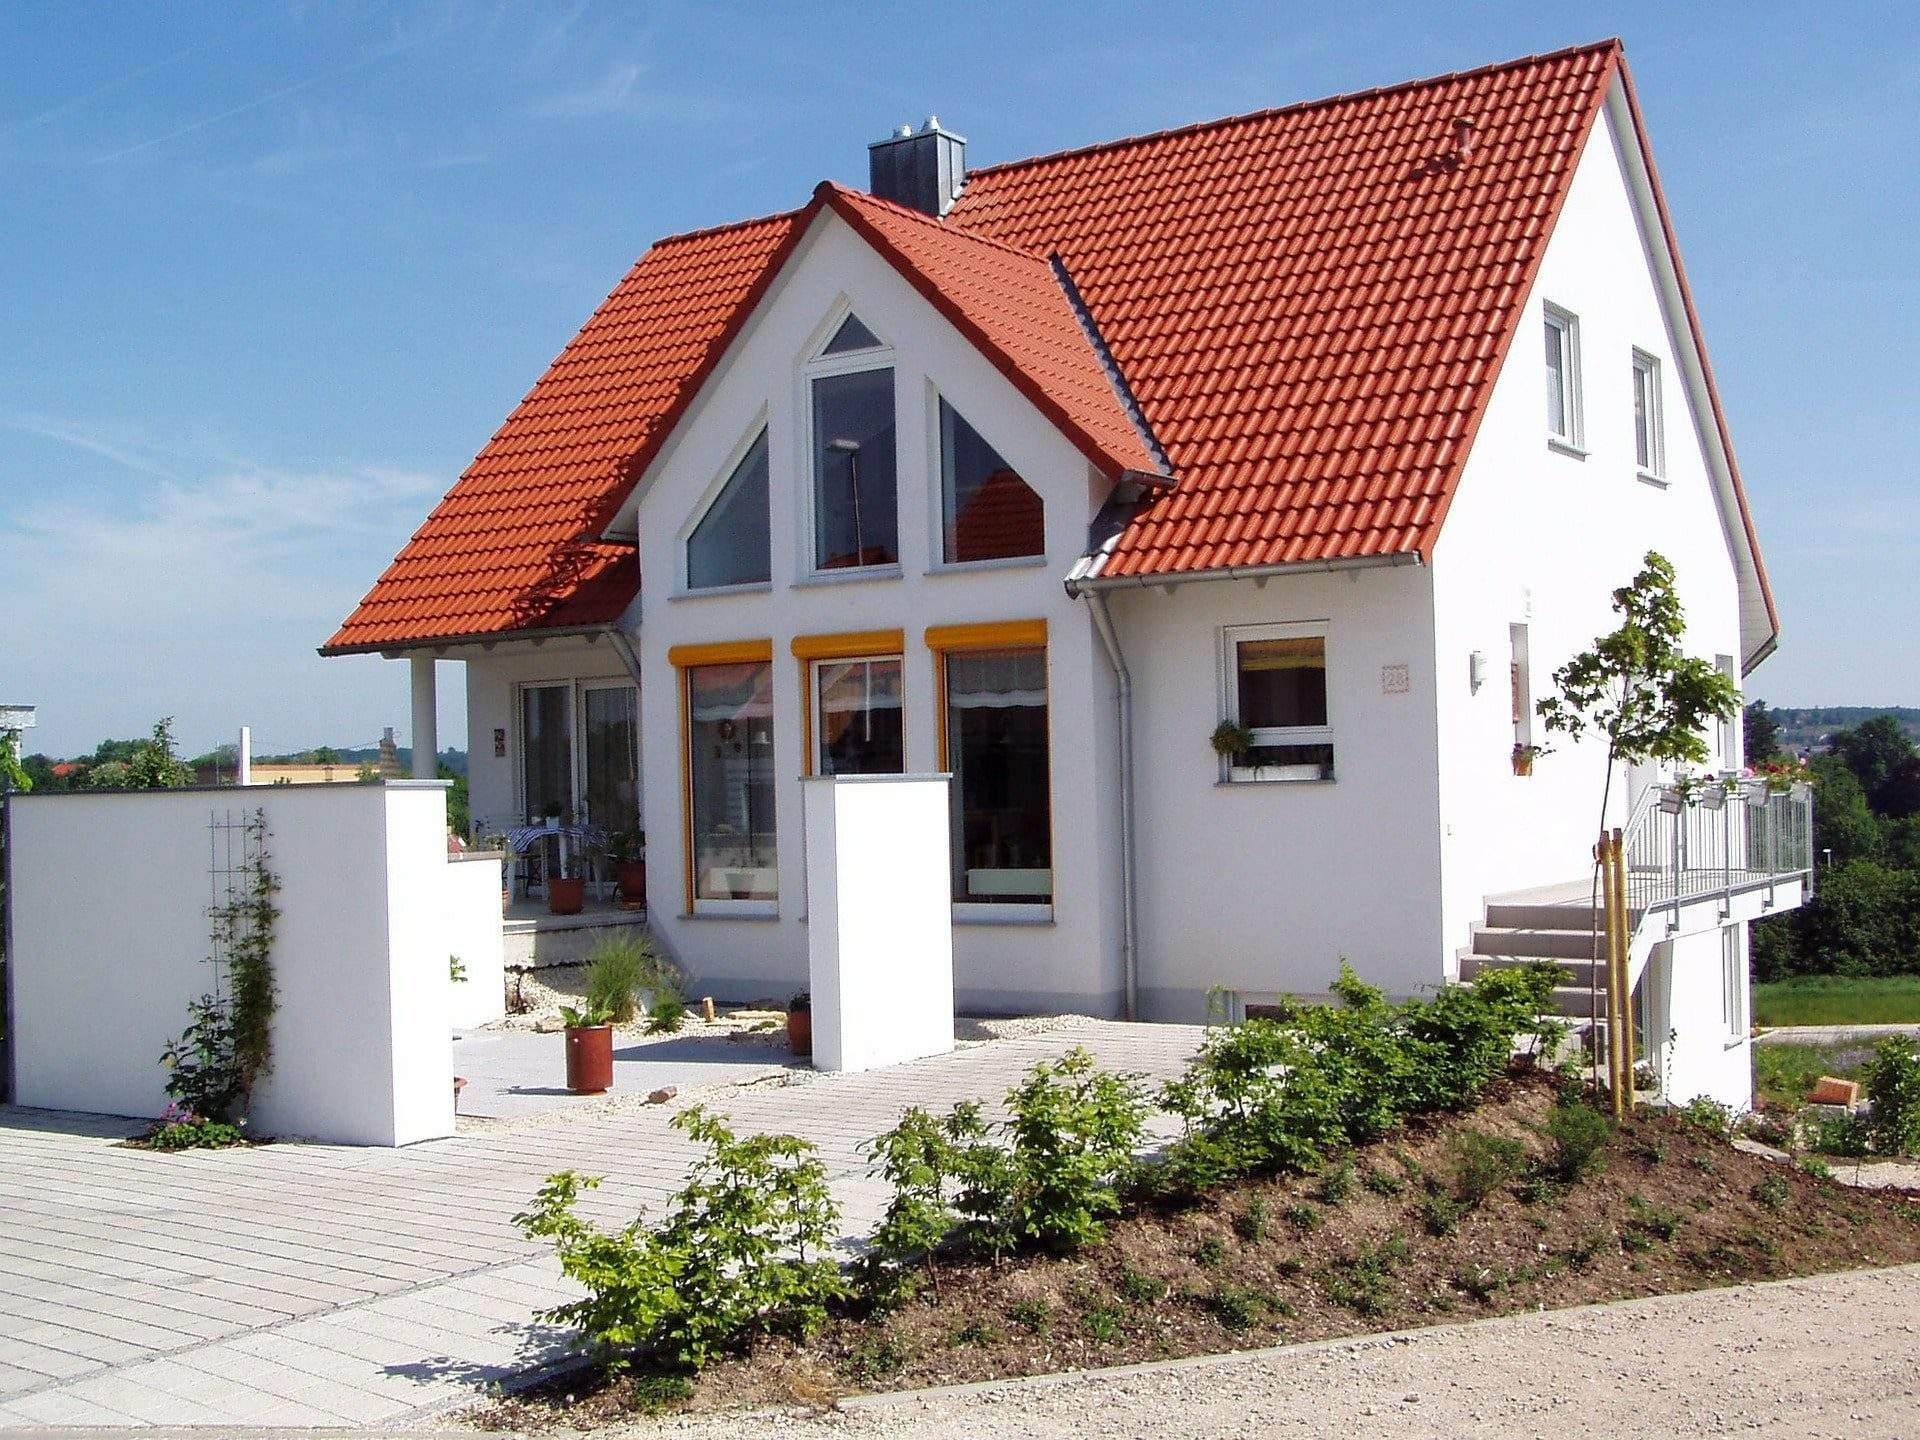 Eigenheim Bausparvertrag Testsieger 2018 min - Bausparvertrag Testsieger 2018